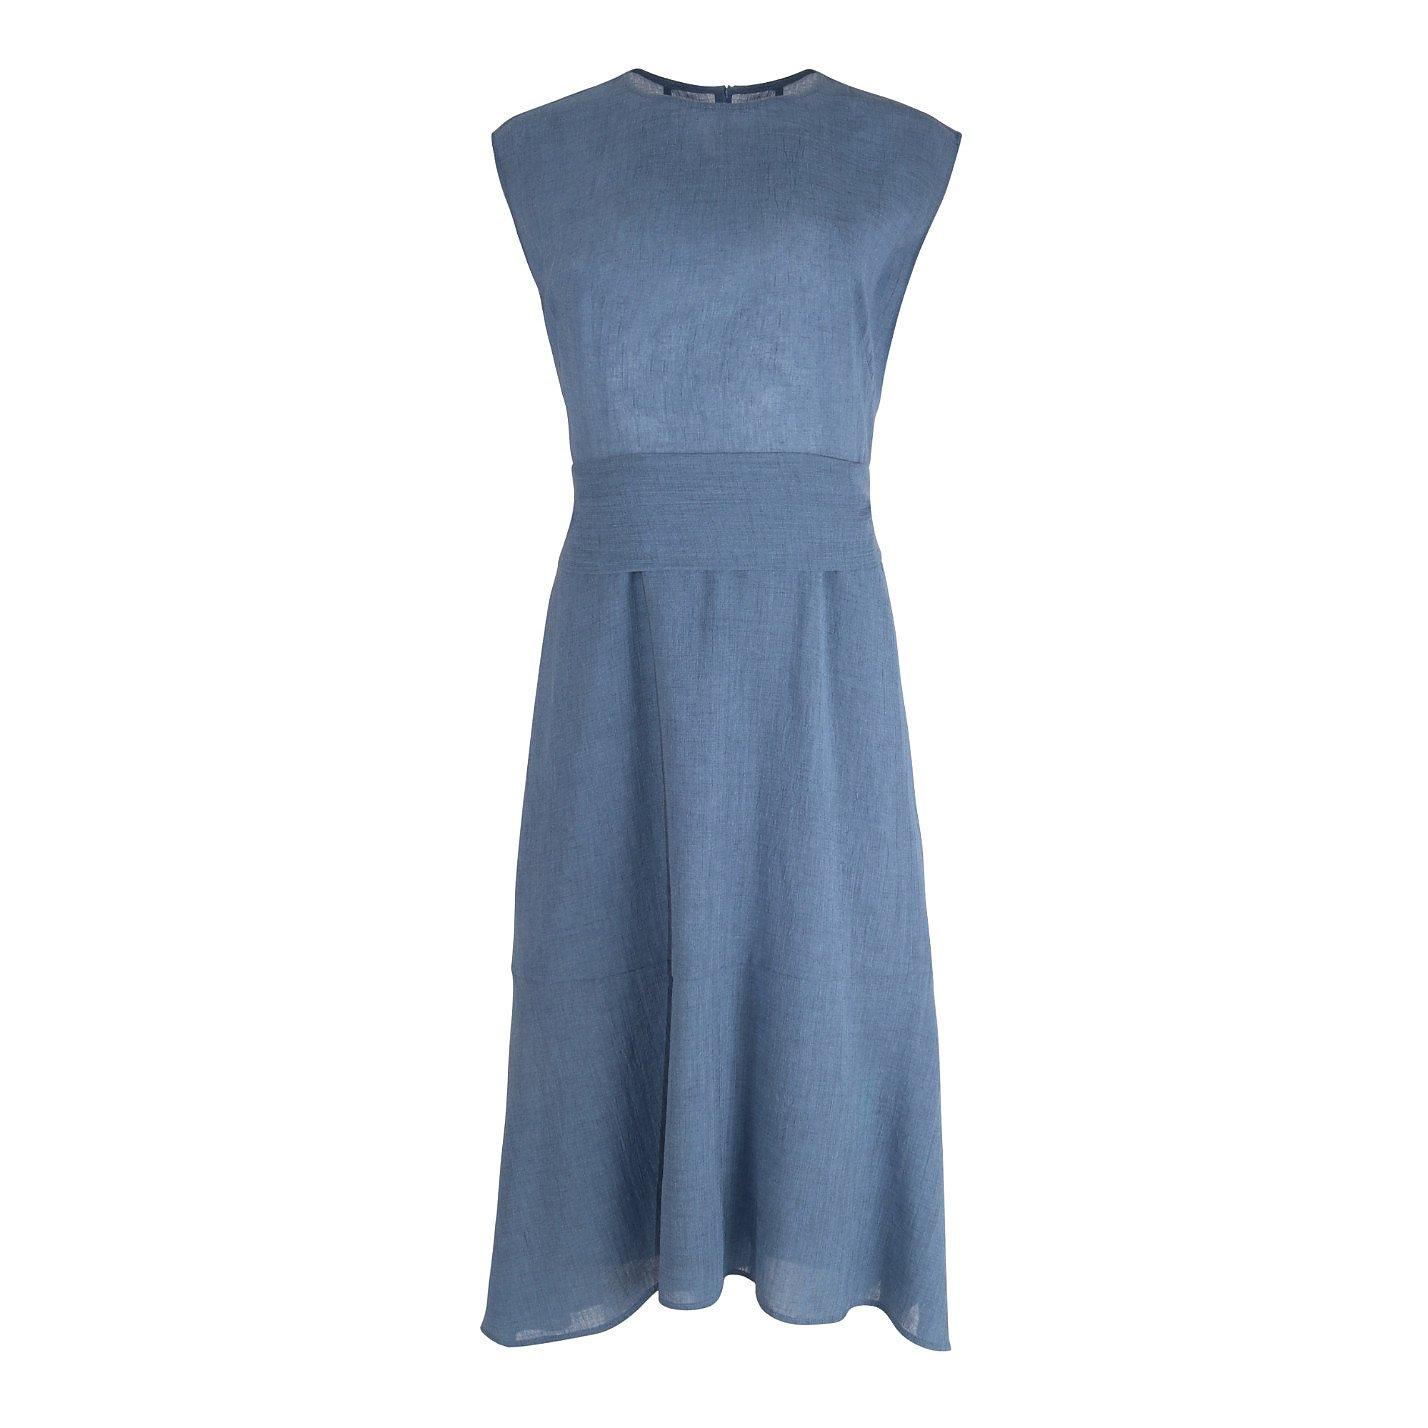 Cefinn Grosgrain Midi Dress